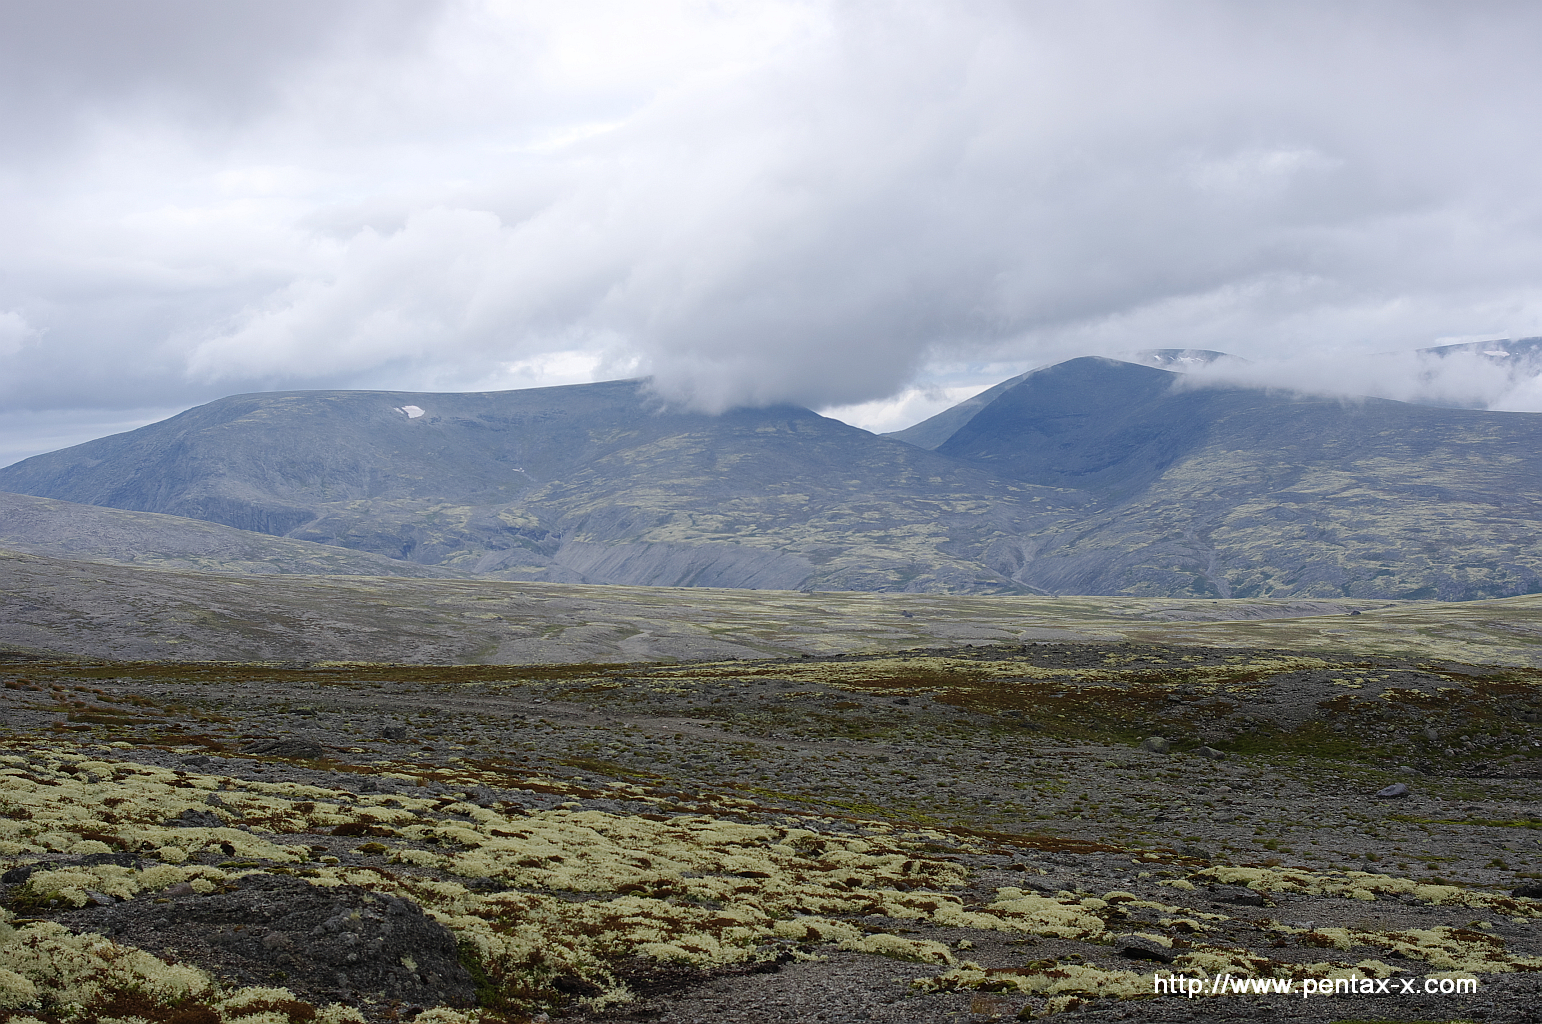 Типичный пейзаж высокогорной части Хибин